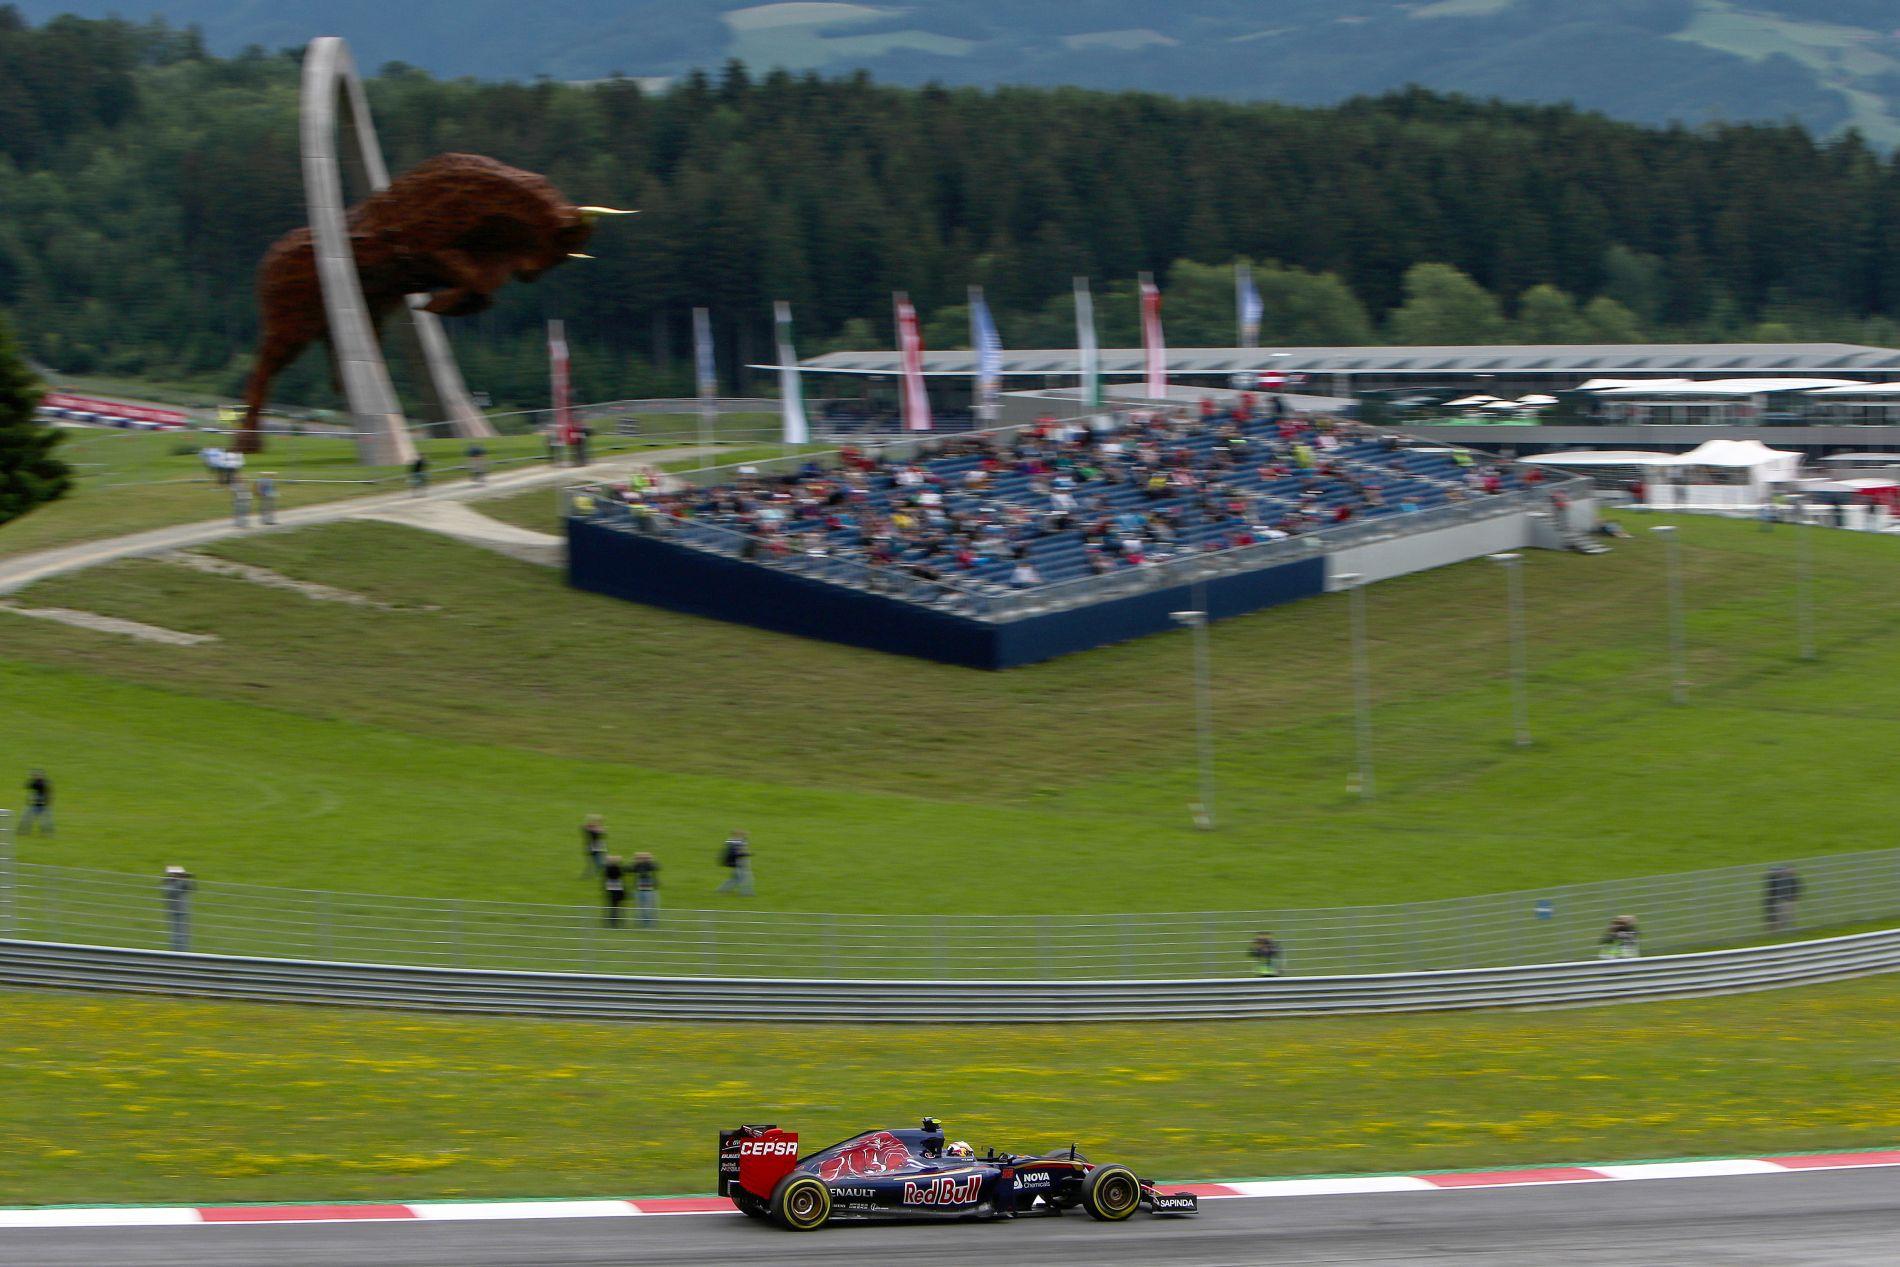 100 ezerrel kevesebben voltak az Osztrák GP-n: Lauda szerint ez normális